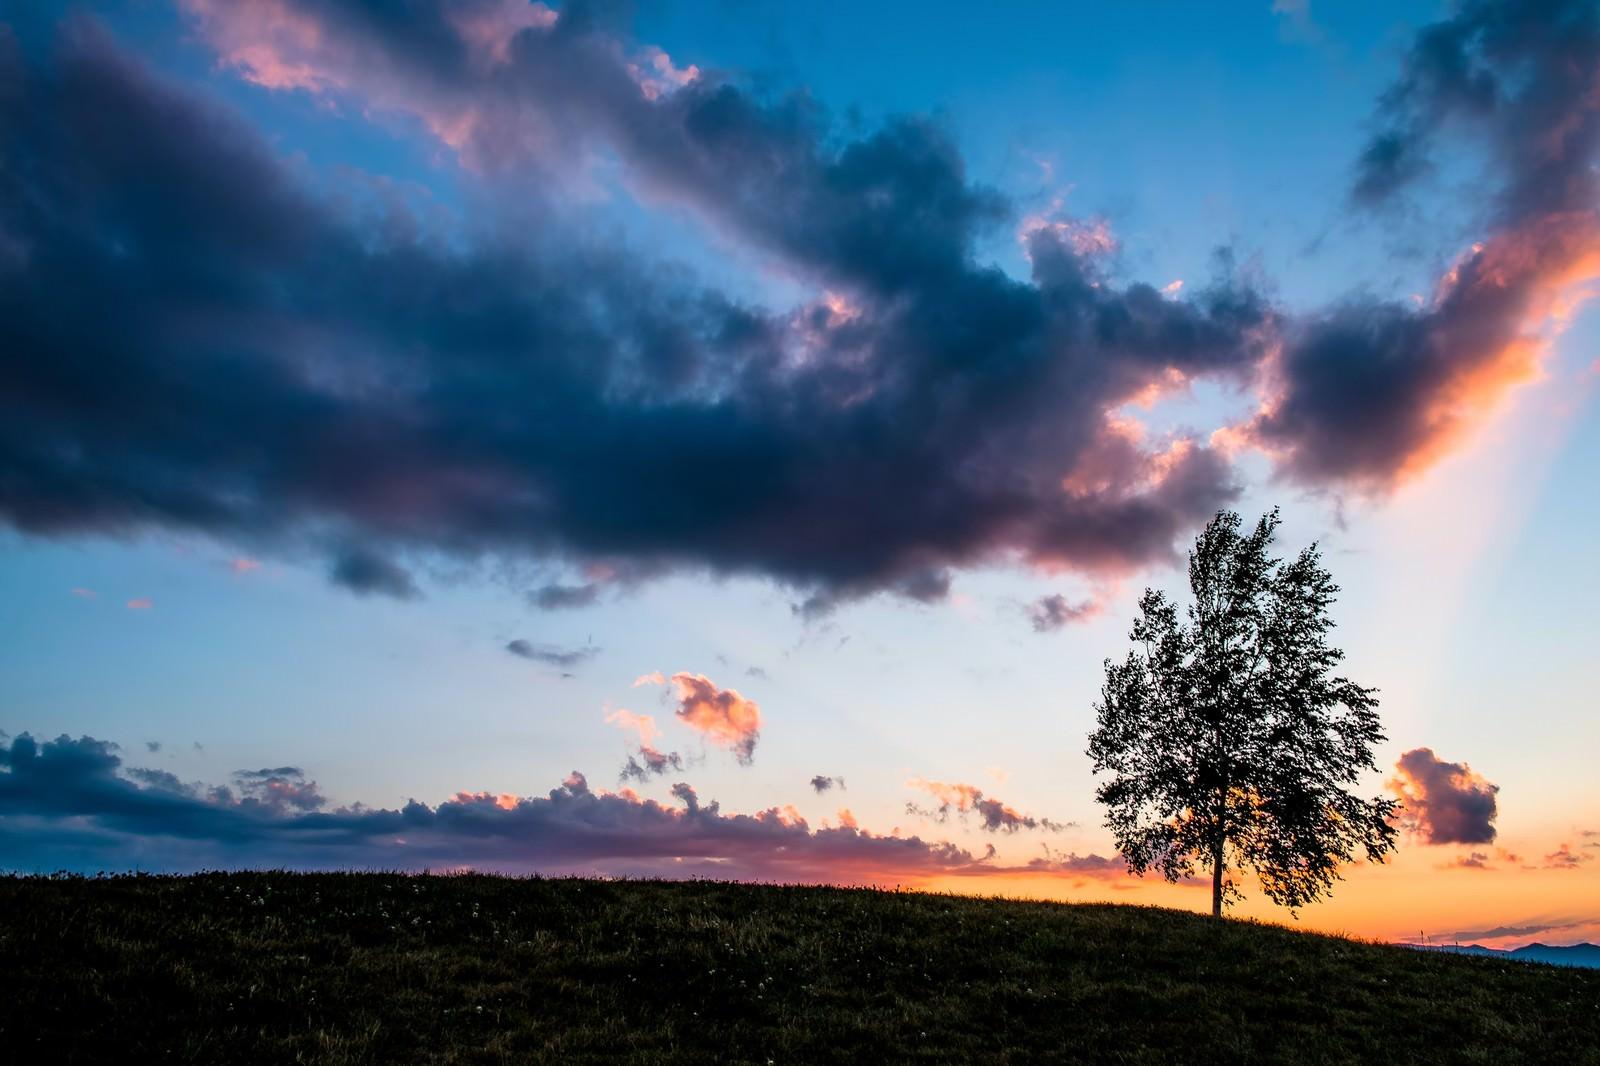 「日が落ちた草原と一本の木(美瑛)日が落ちた草原と一本の木(美瑛)」のフリー写真素材を拡大